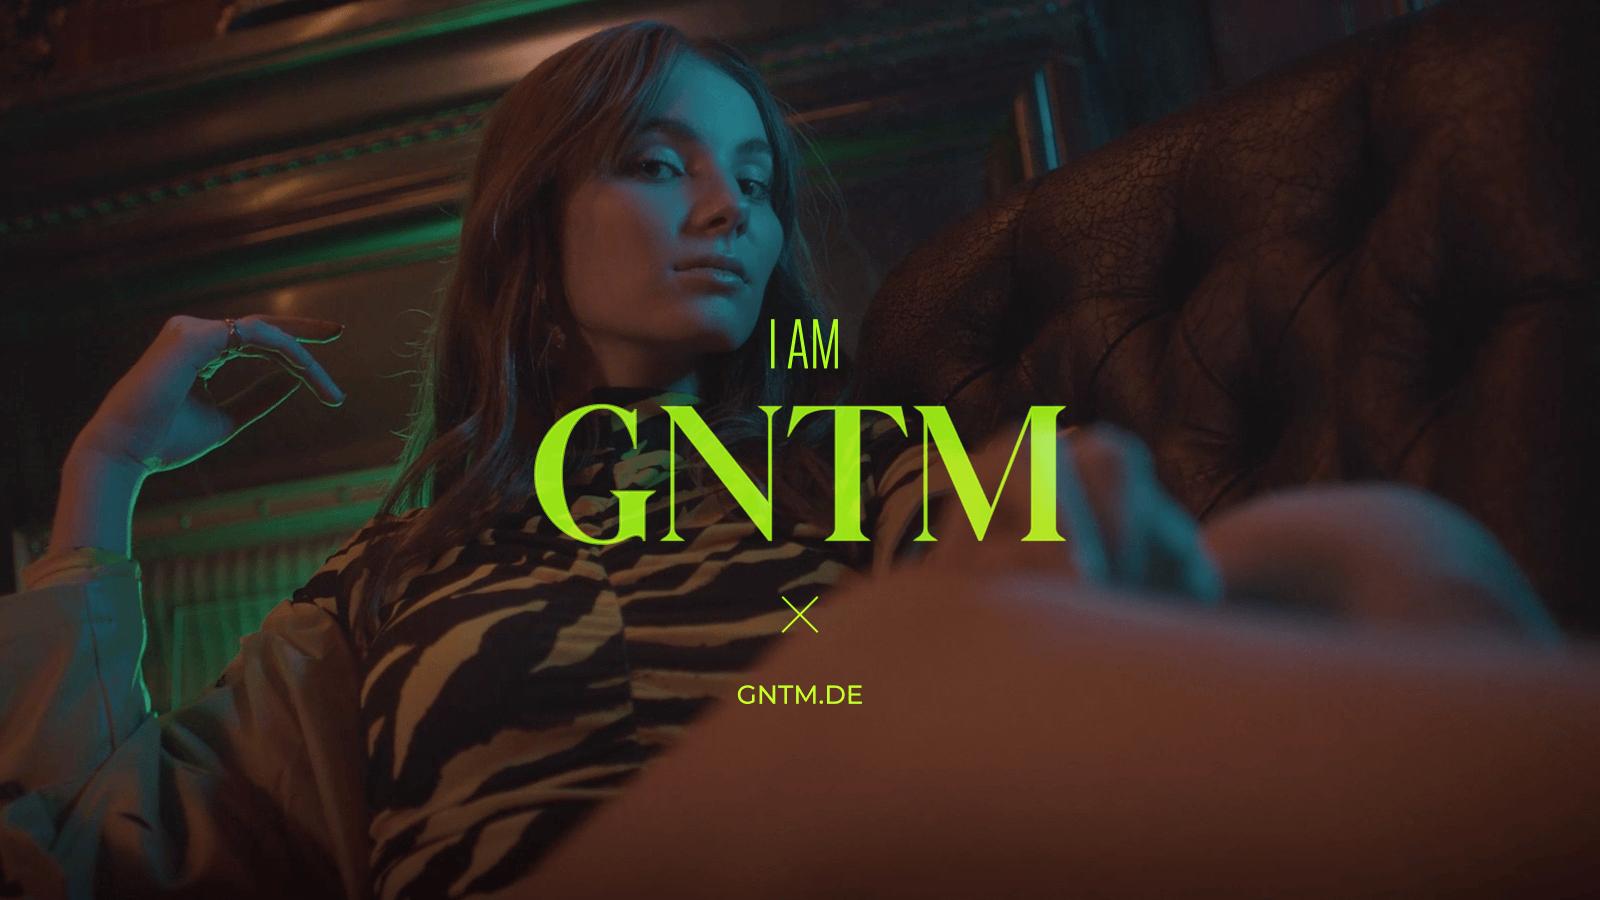 I am GNTM